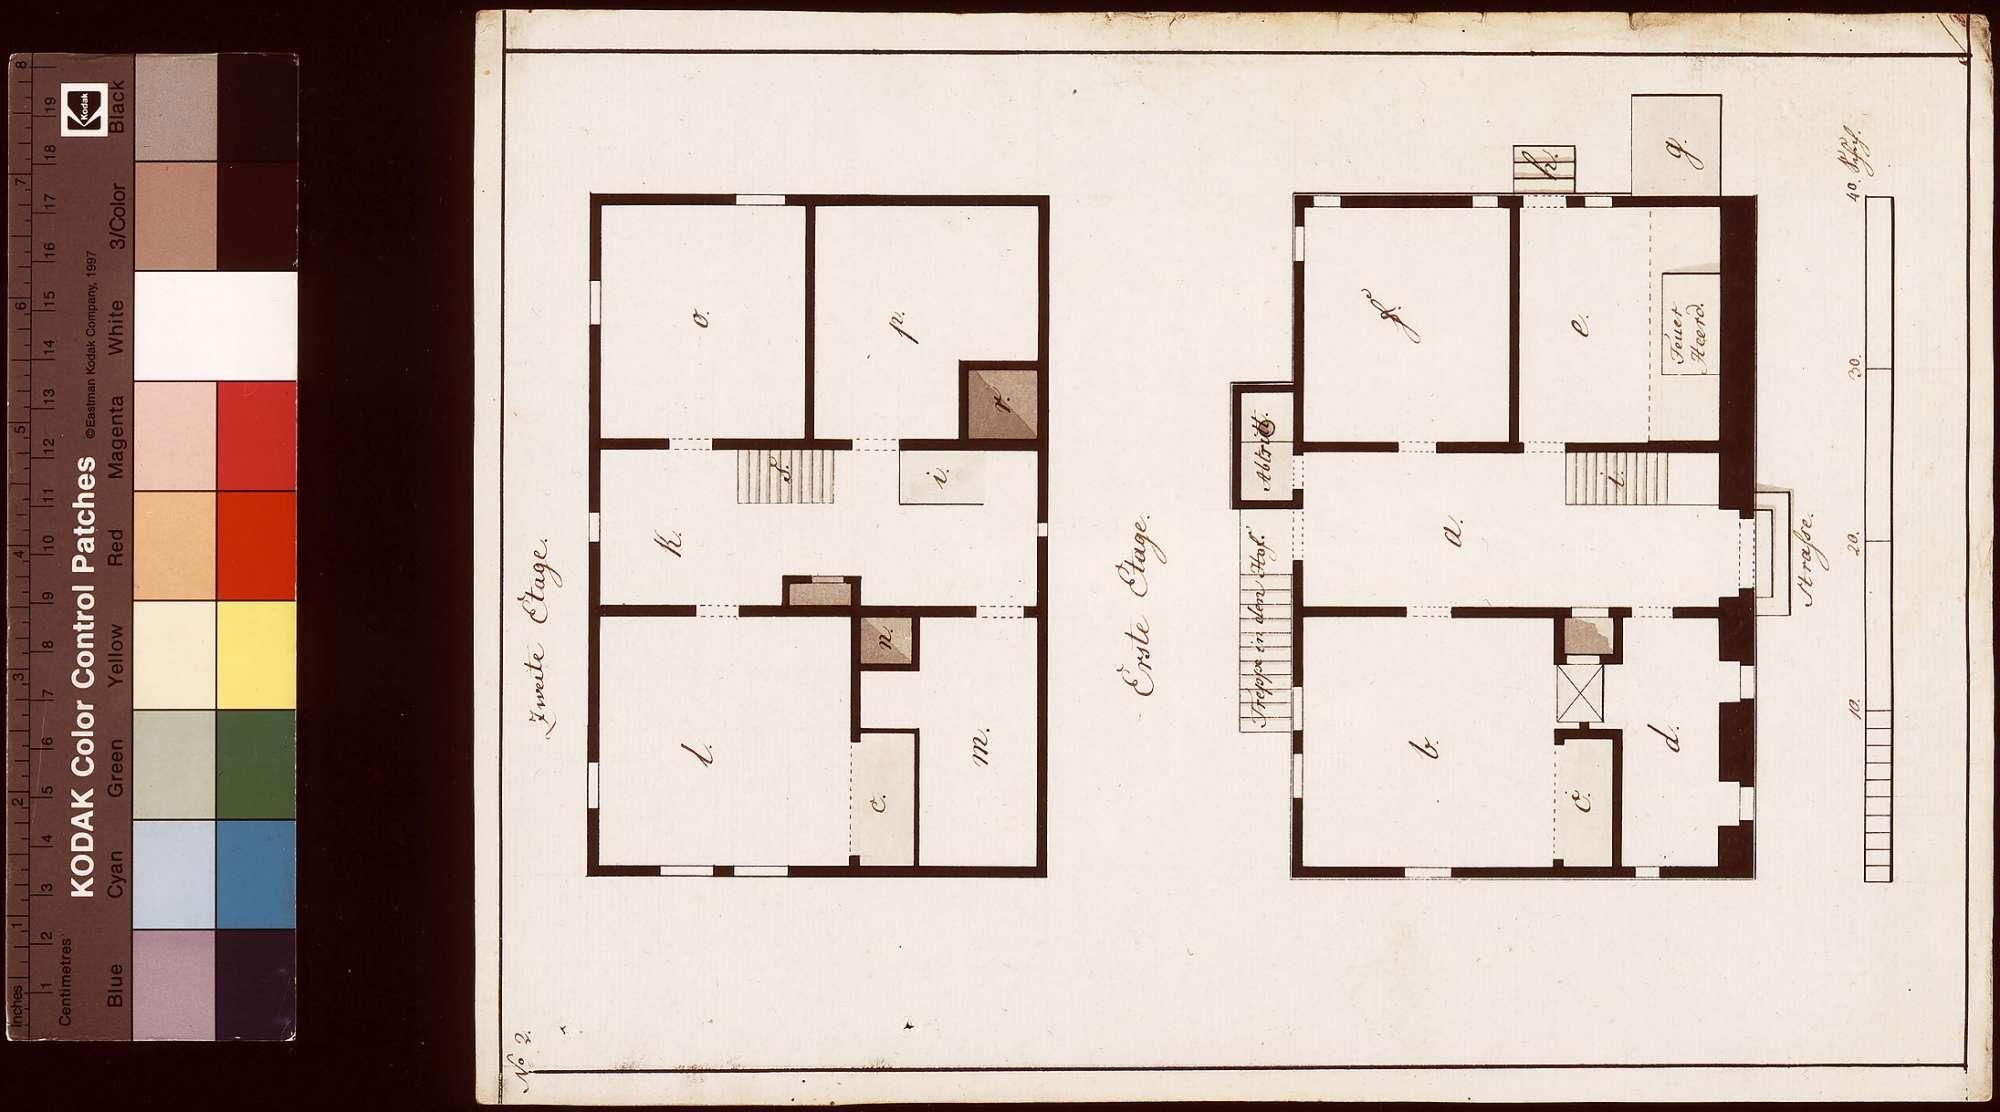 Umbau des Pfarrhauses in Hochhausen, Bild 1